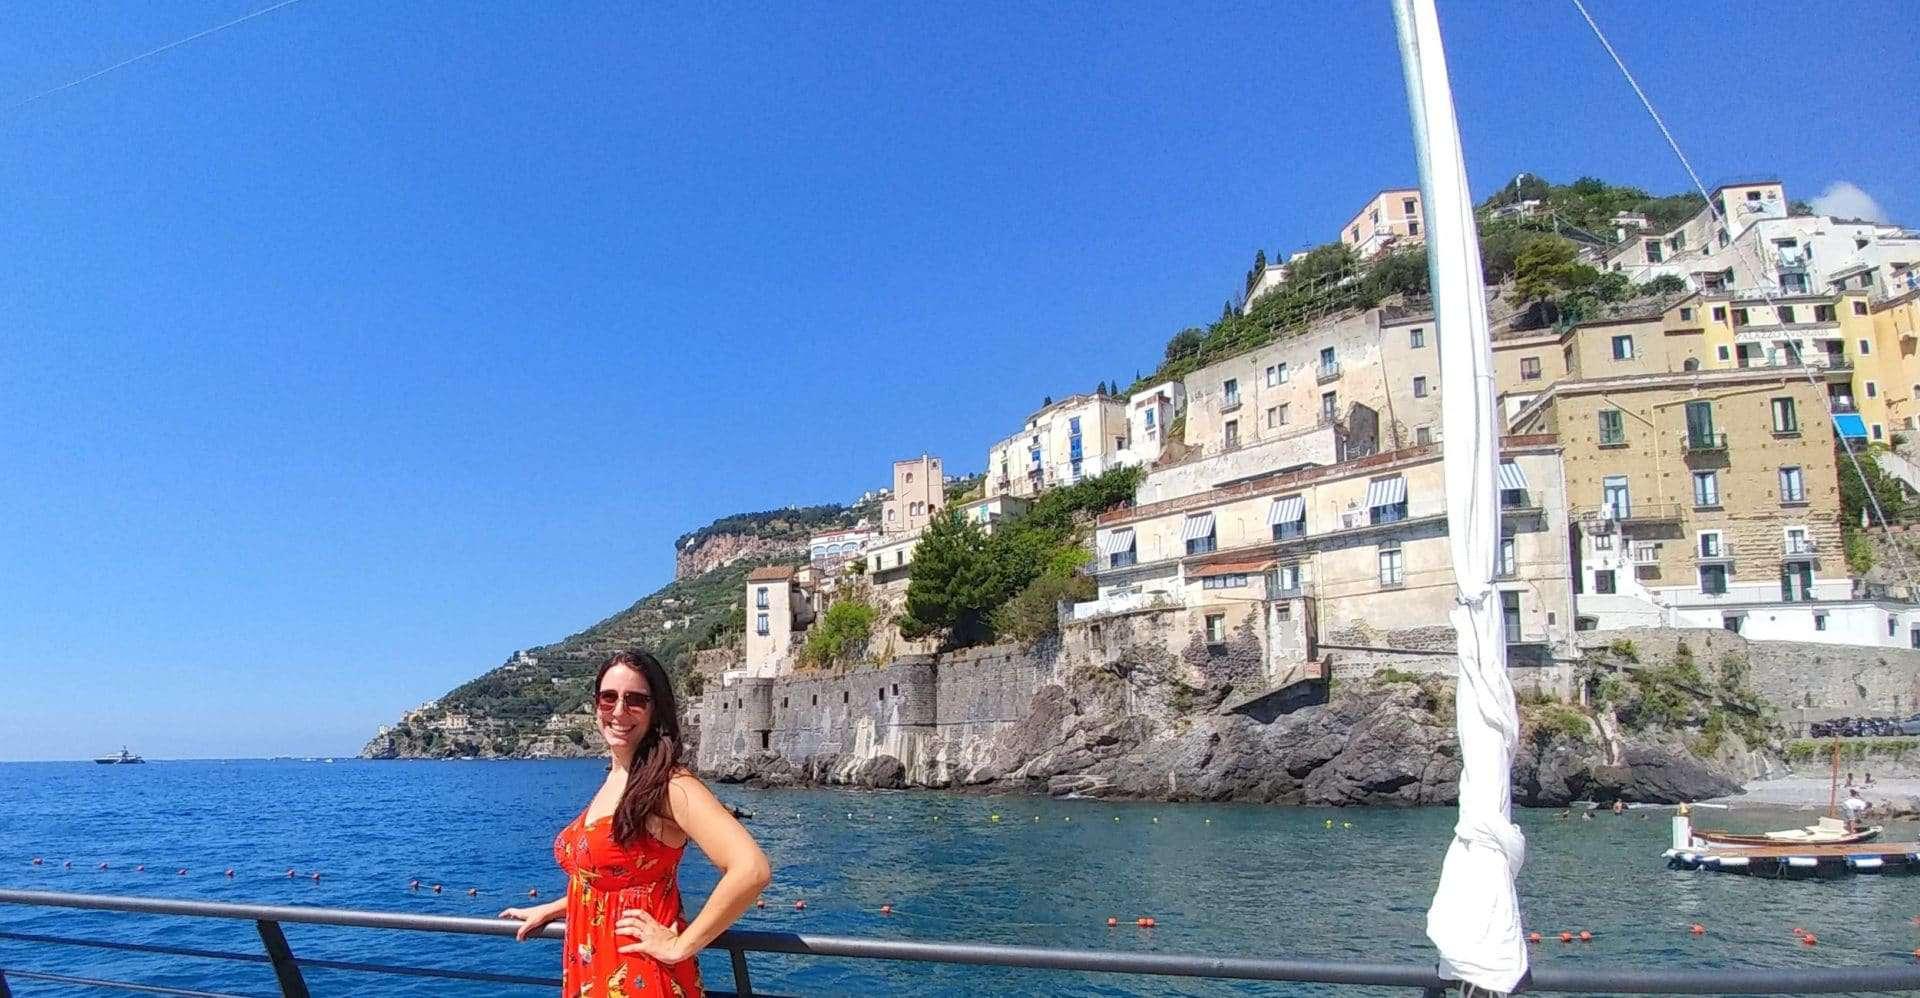 Cosa vedere in Costiera Amalfitana: 10 borghi marinari da visitare